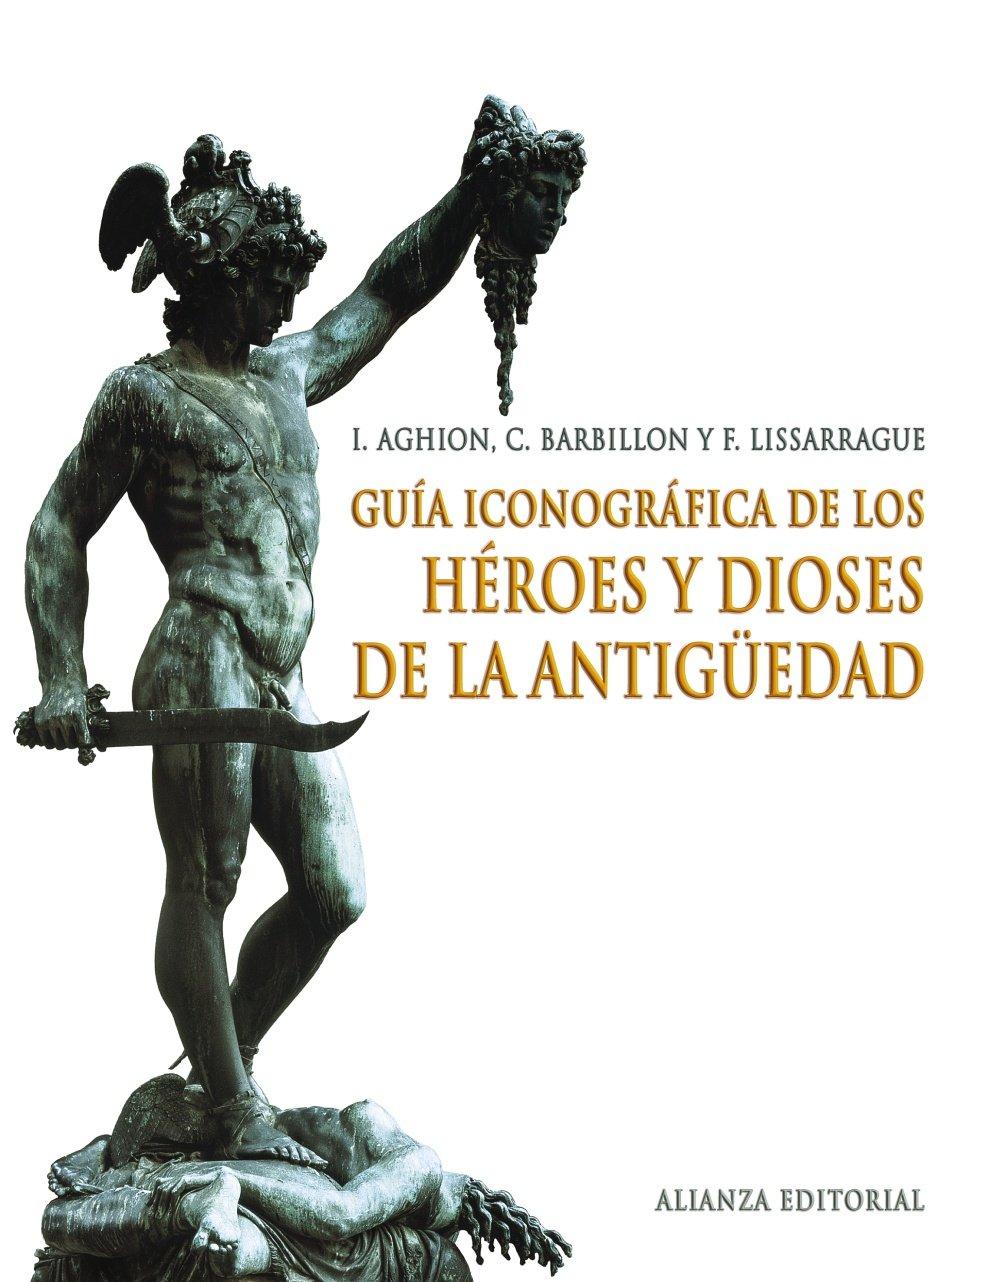 Guía iconográfica de los héroes y dioses de la antigüedad (Libros Singulares (Ls)) Tapa dura – 24 nov 2008 I. Aghion C. Barbillon F. Lissarrague Antonio Guzmán Guerra